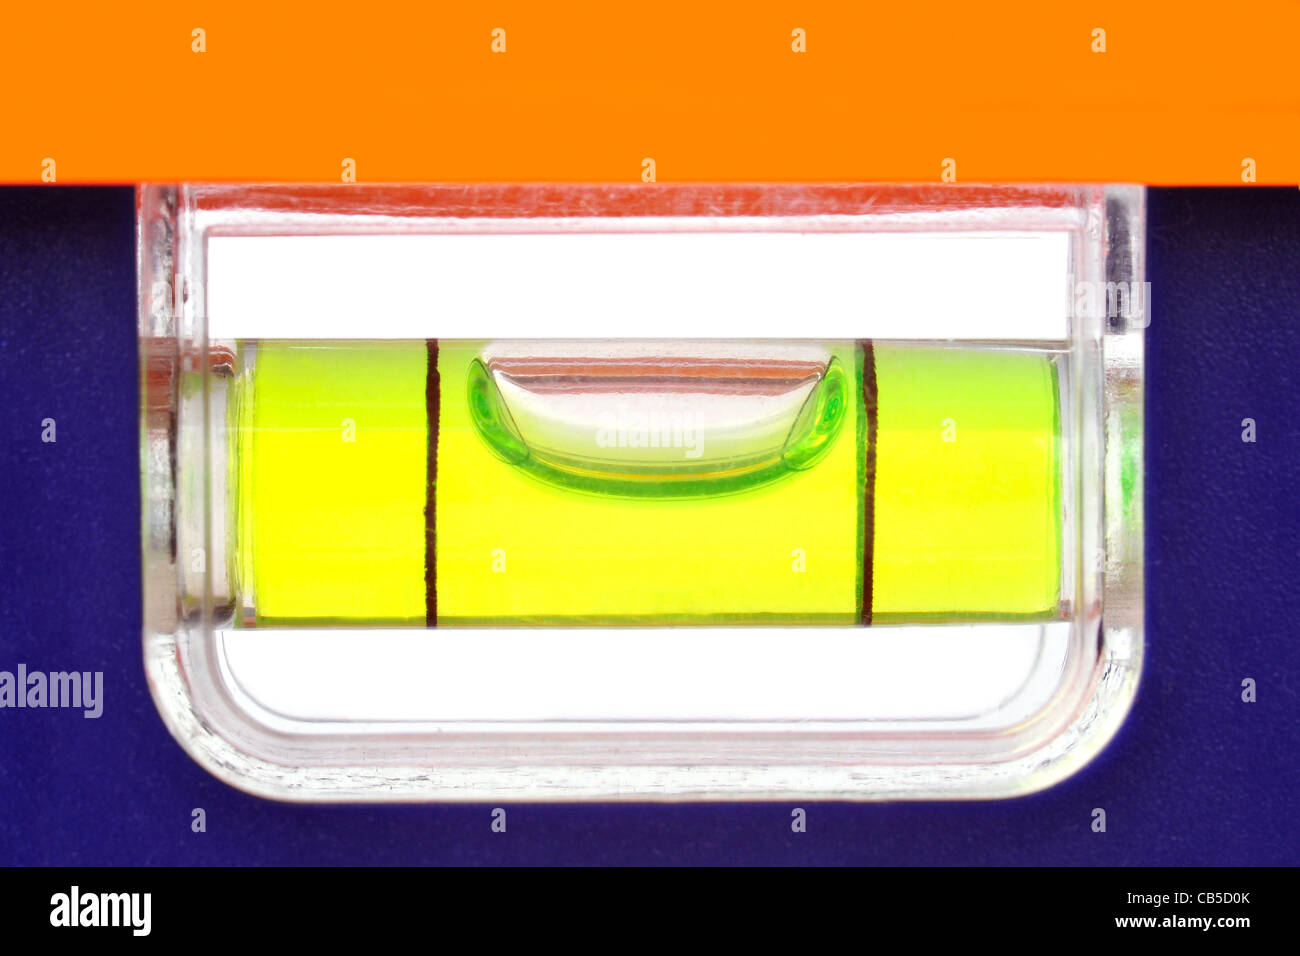 Bolla a destra nel mezzo di un utensile di livello Immagini Stock